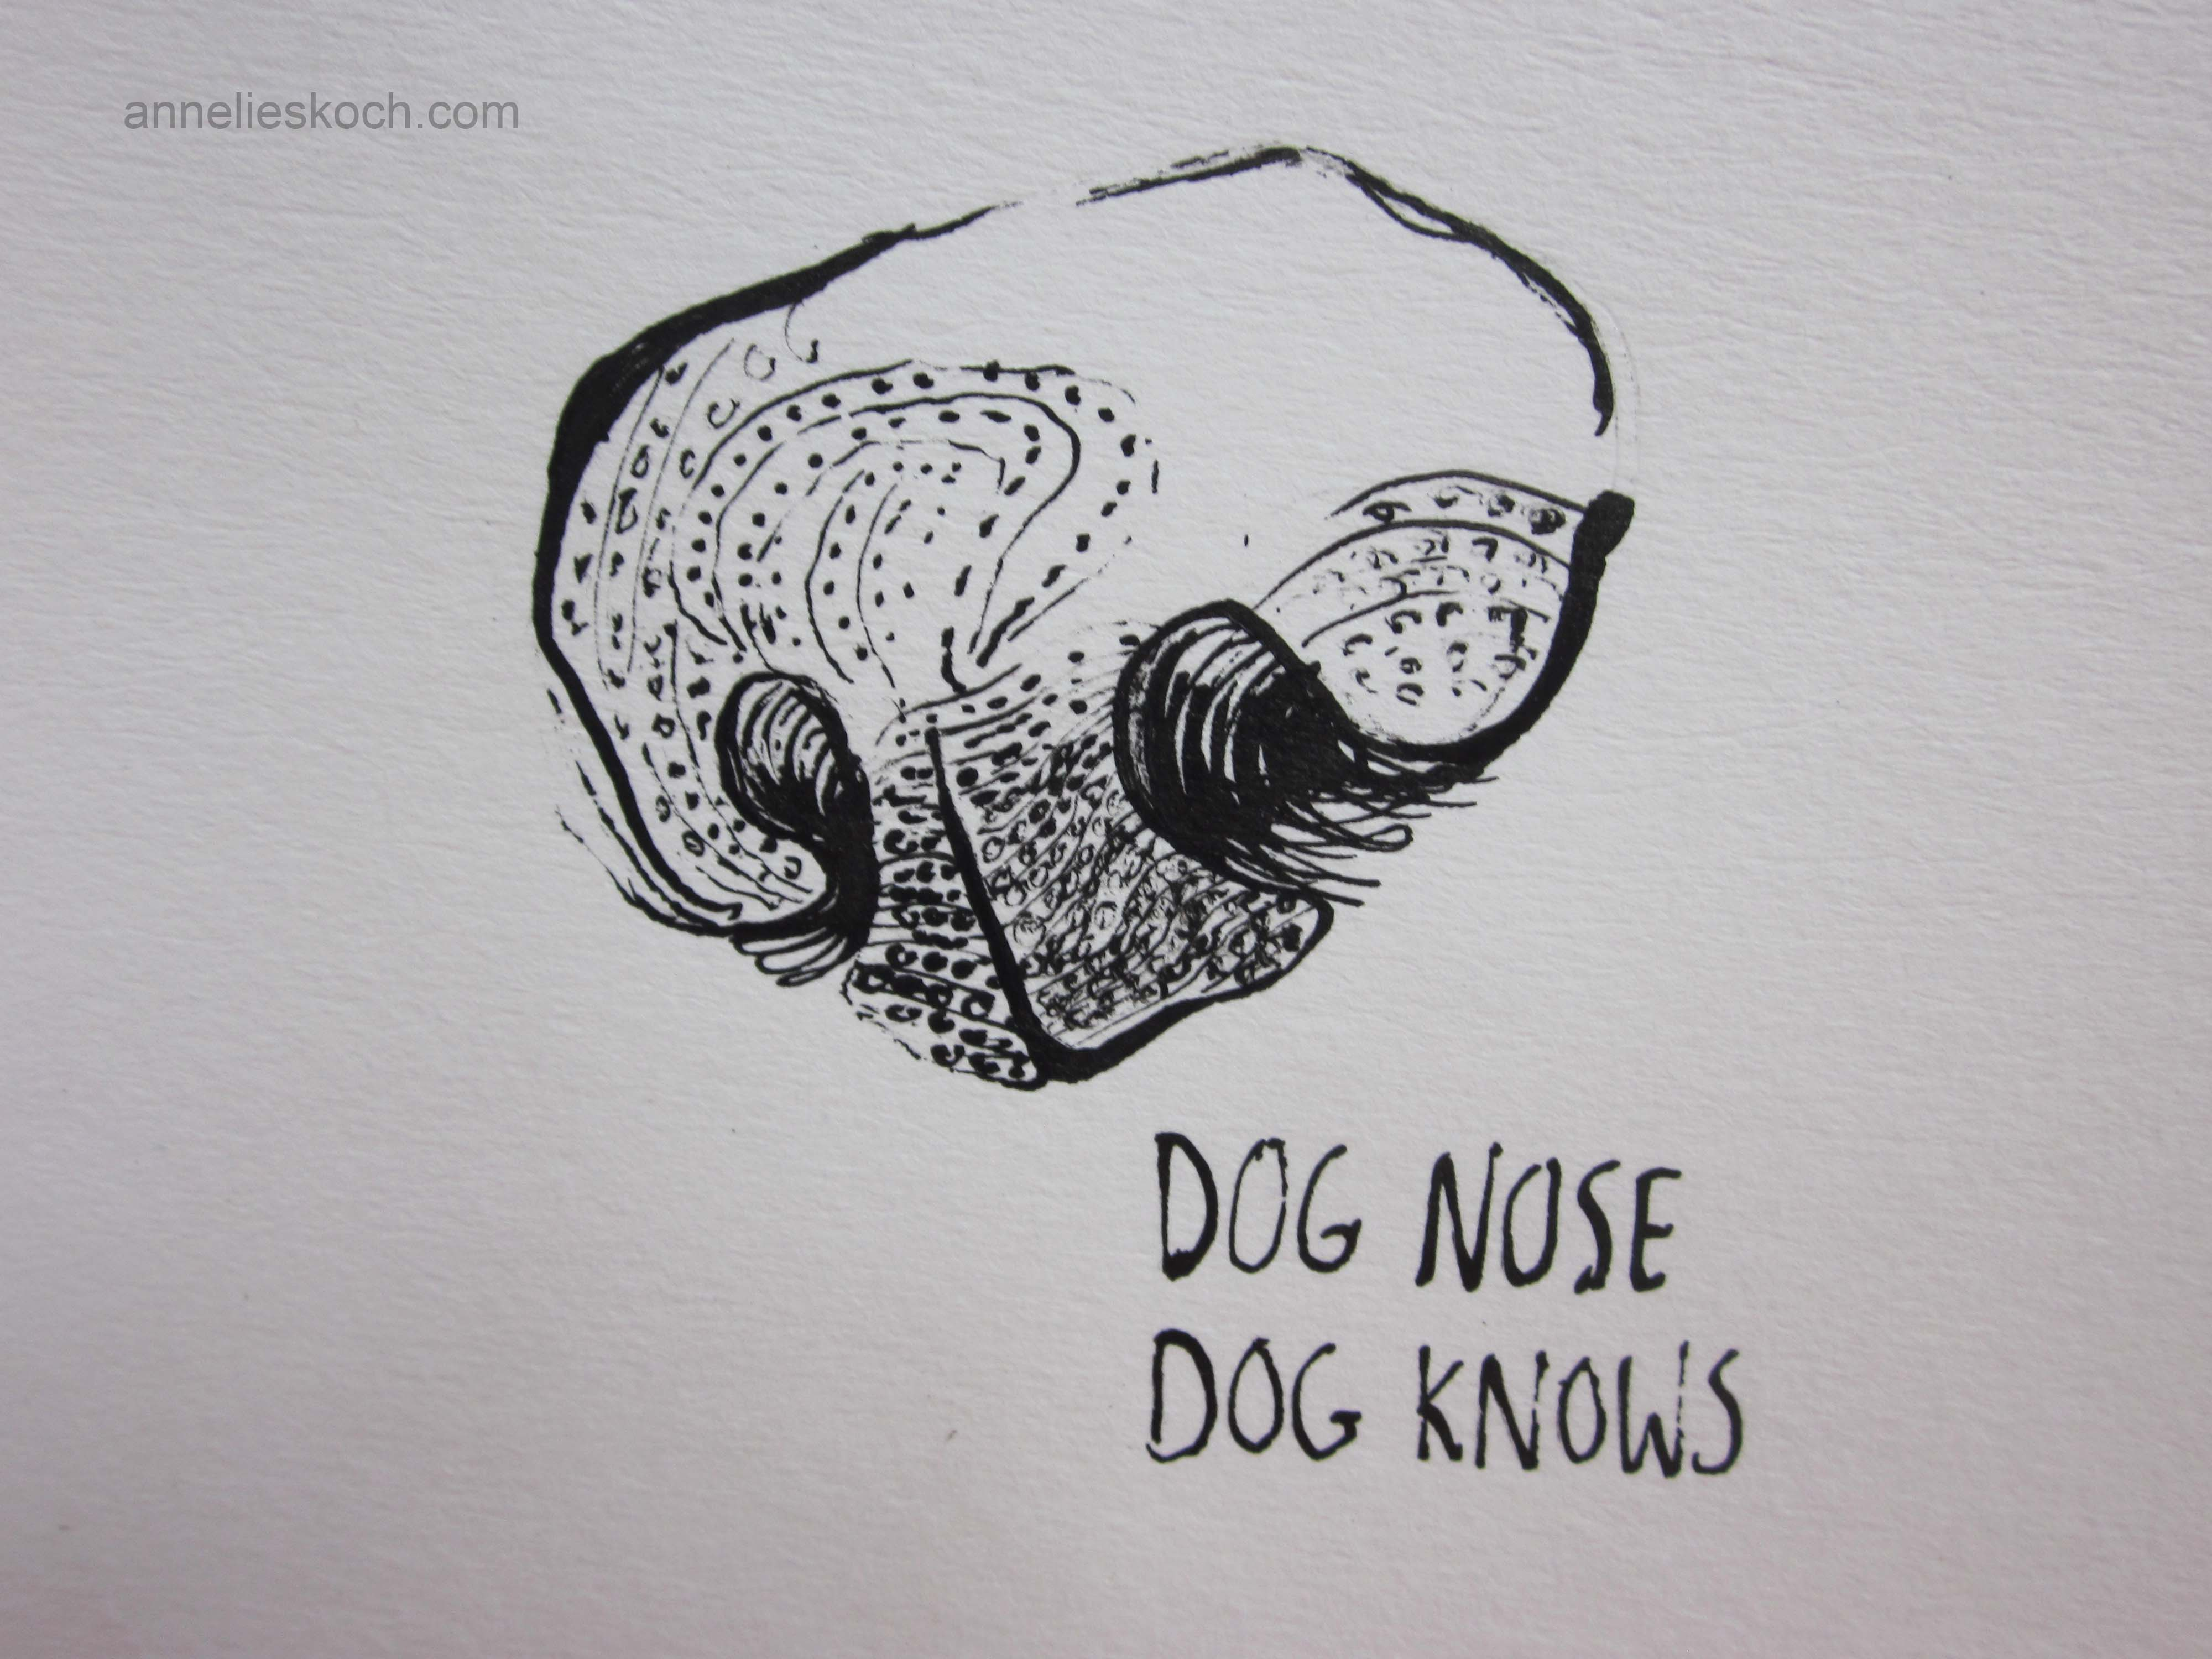 how to draw a cartoon dog nose